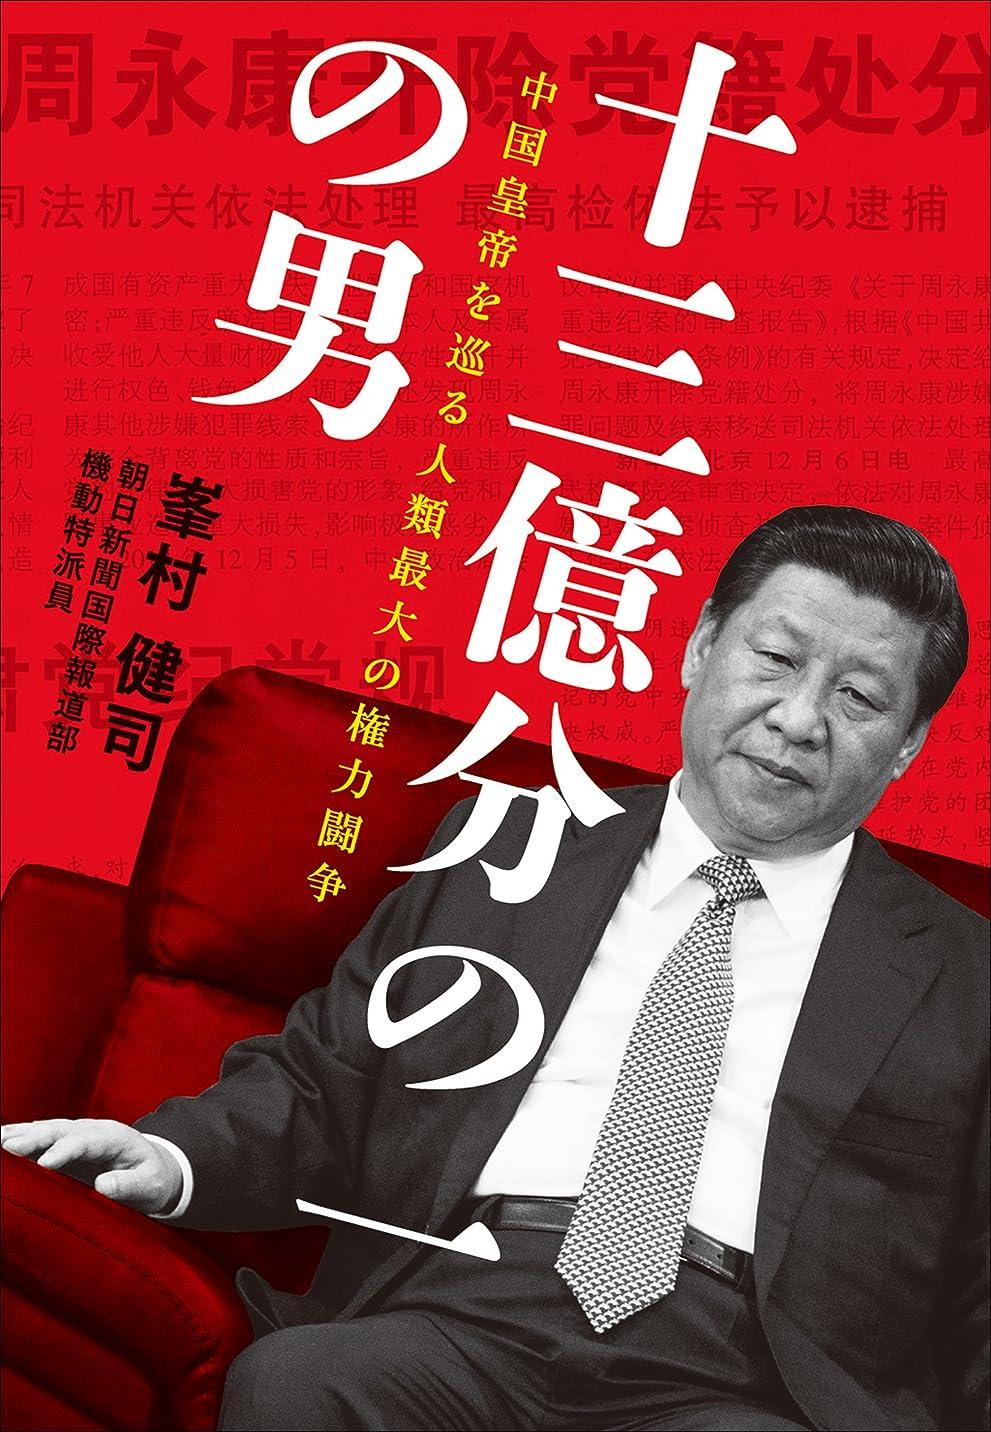 シンジケート決して耳十三億分の一の男 中国皇帝を巡る人類最大の権力闘争